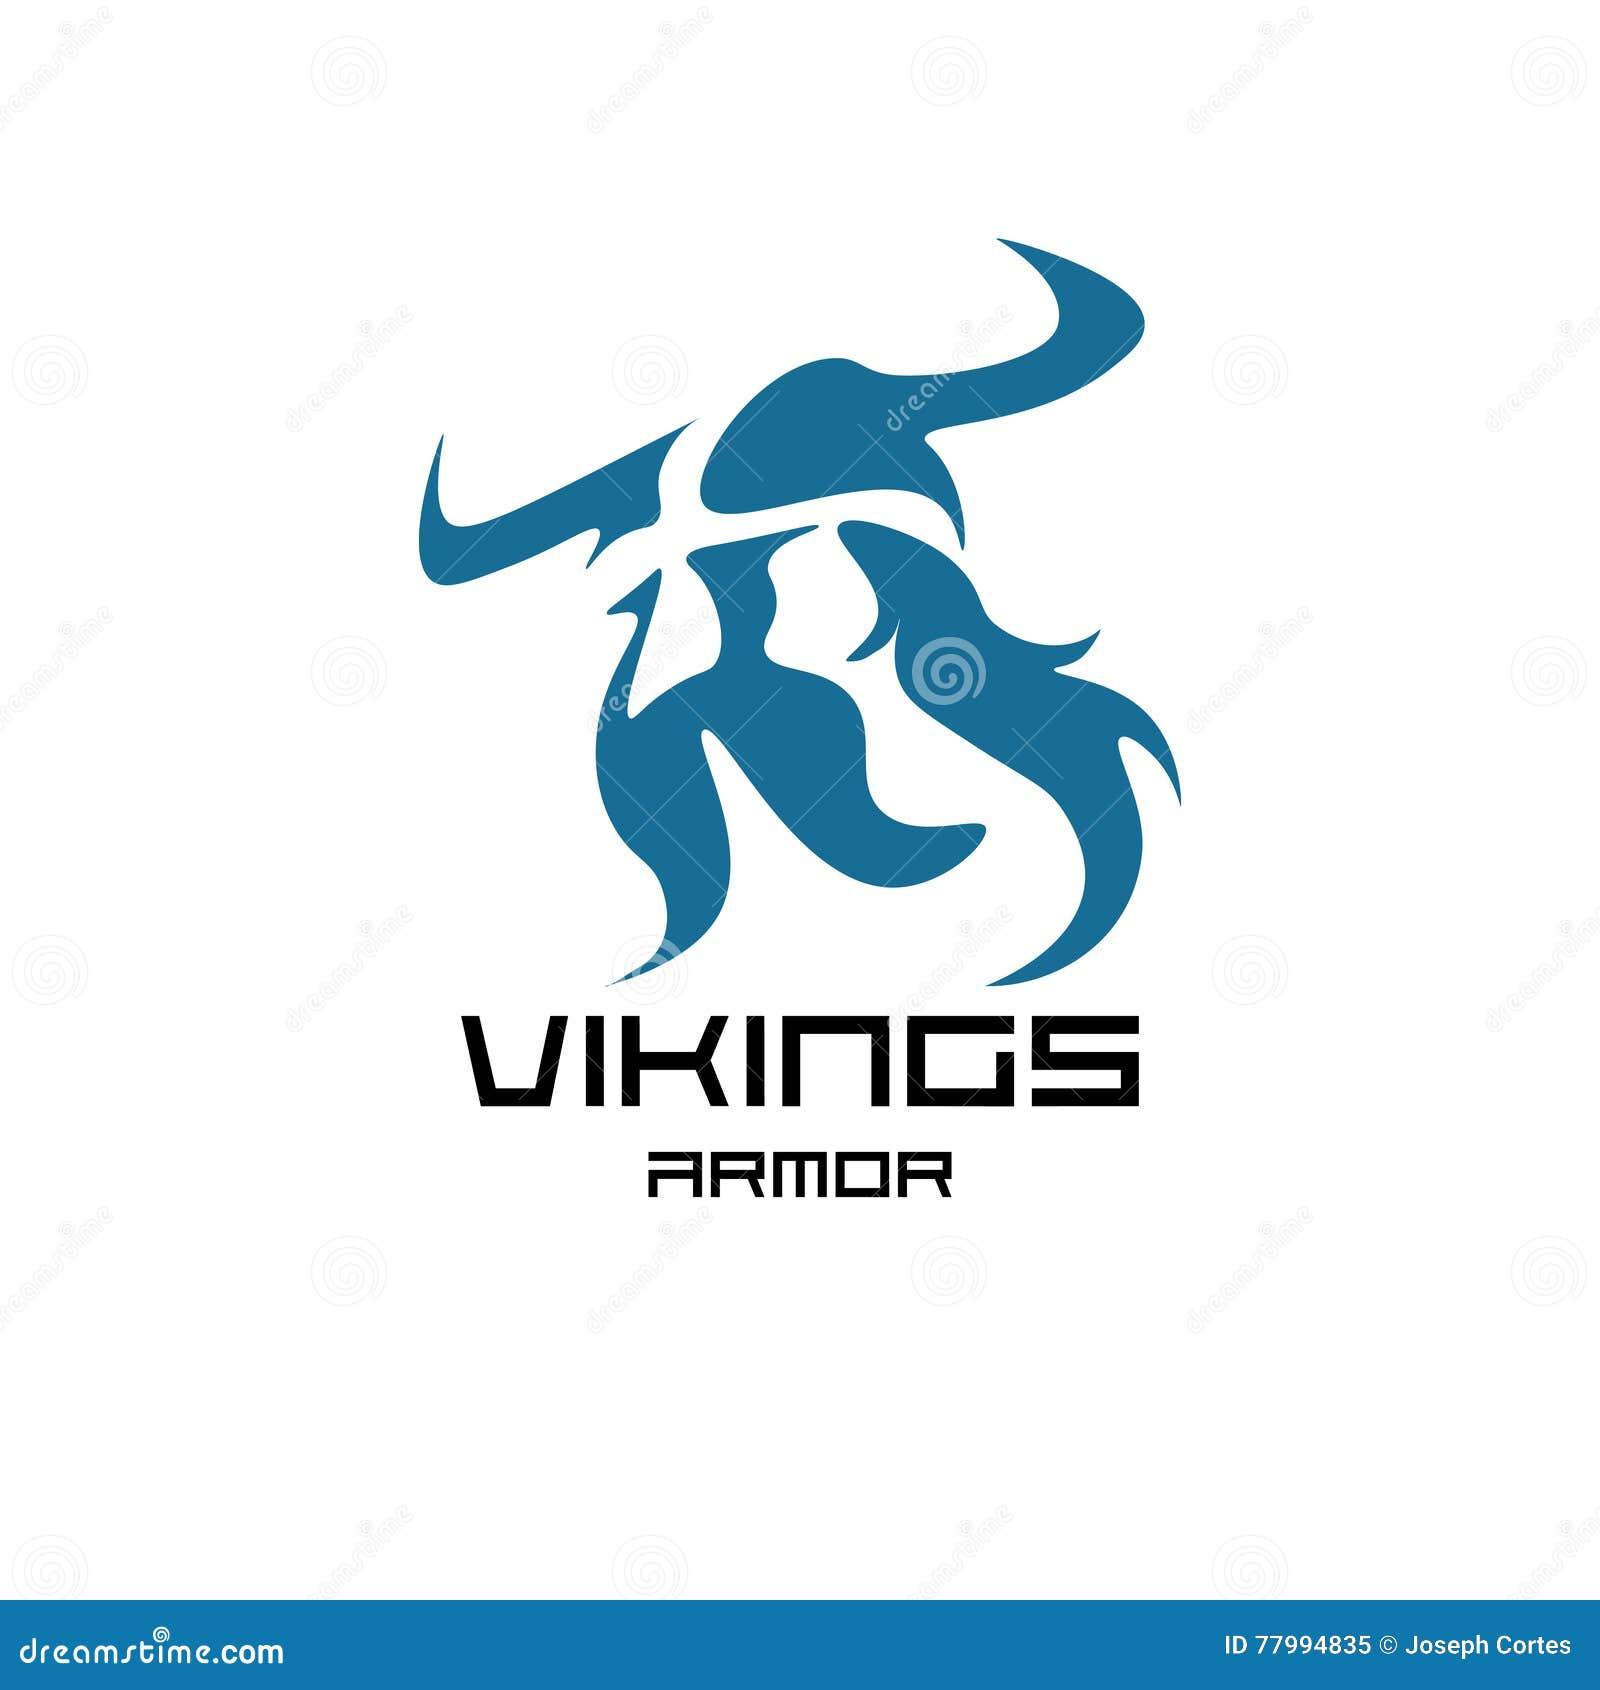 Ejemplo gráfico moderno de un guerrero de vikingo en formato del vector